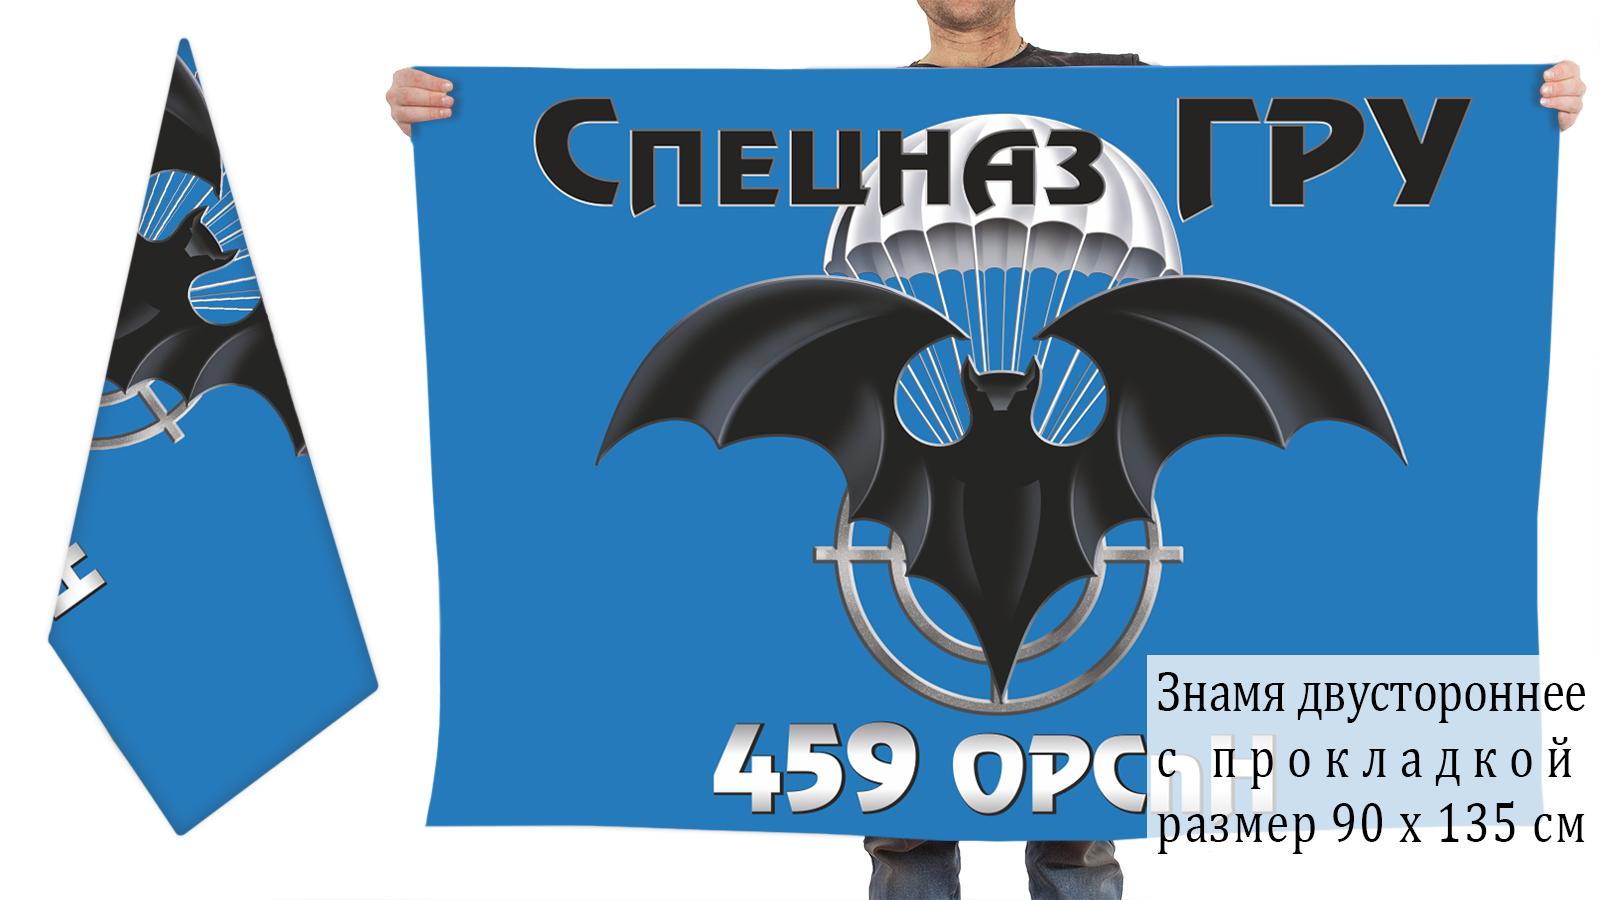 Двусторонний флаг 459 ОРСпН спецназа ГРУ